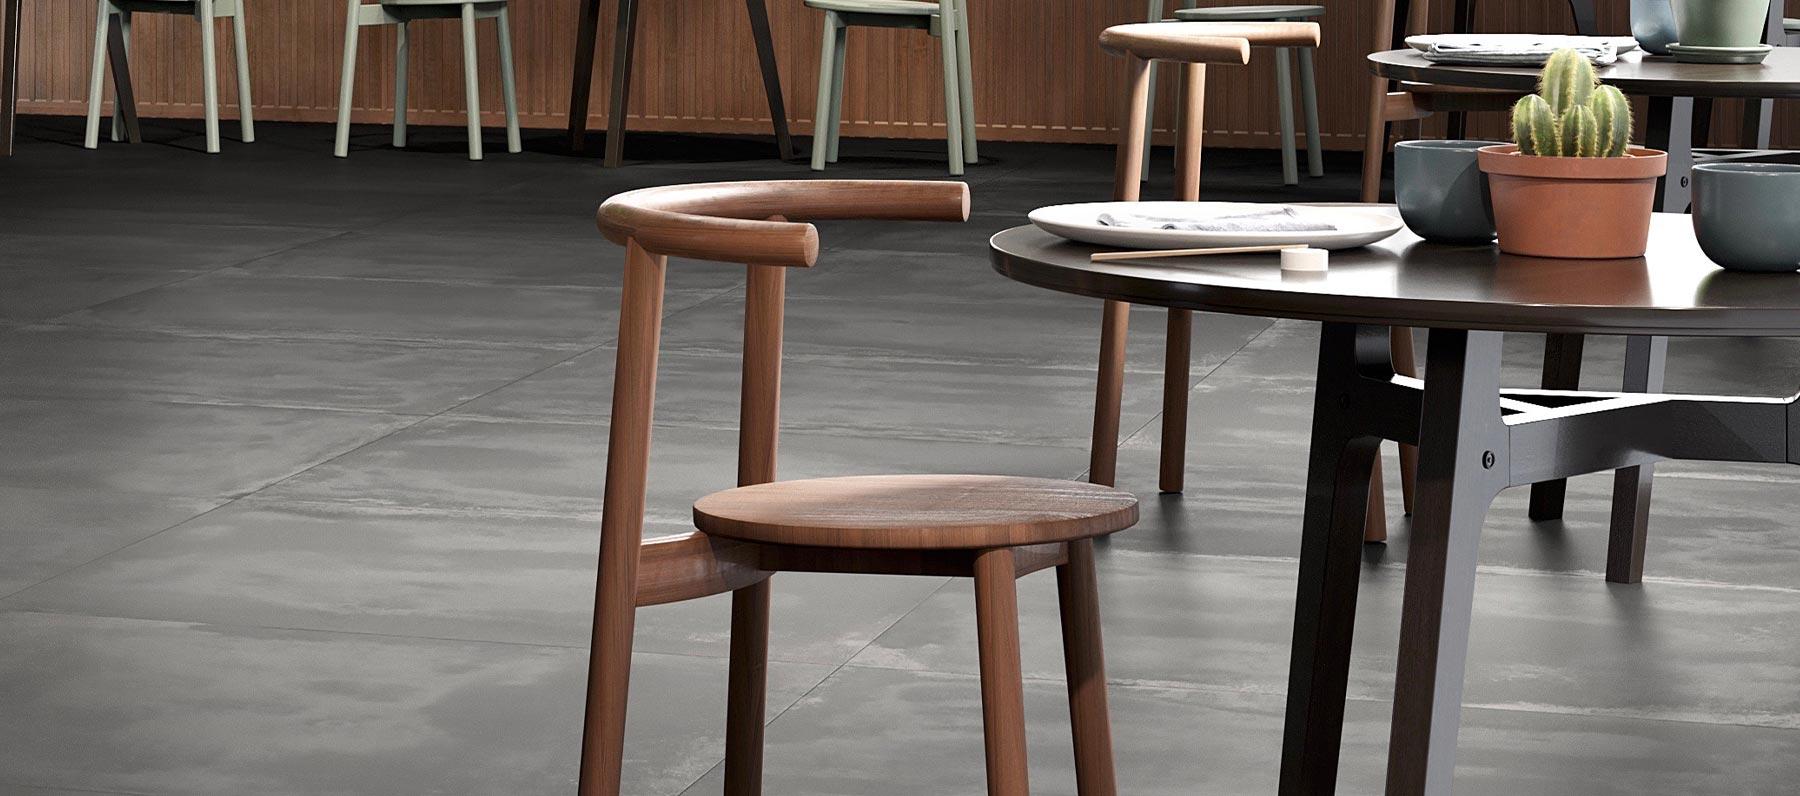 Elevate prestazioni tecniche del gres porcellanato per bar, uffici e ristoranti